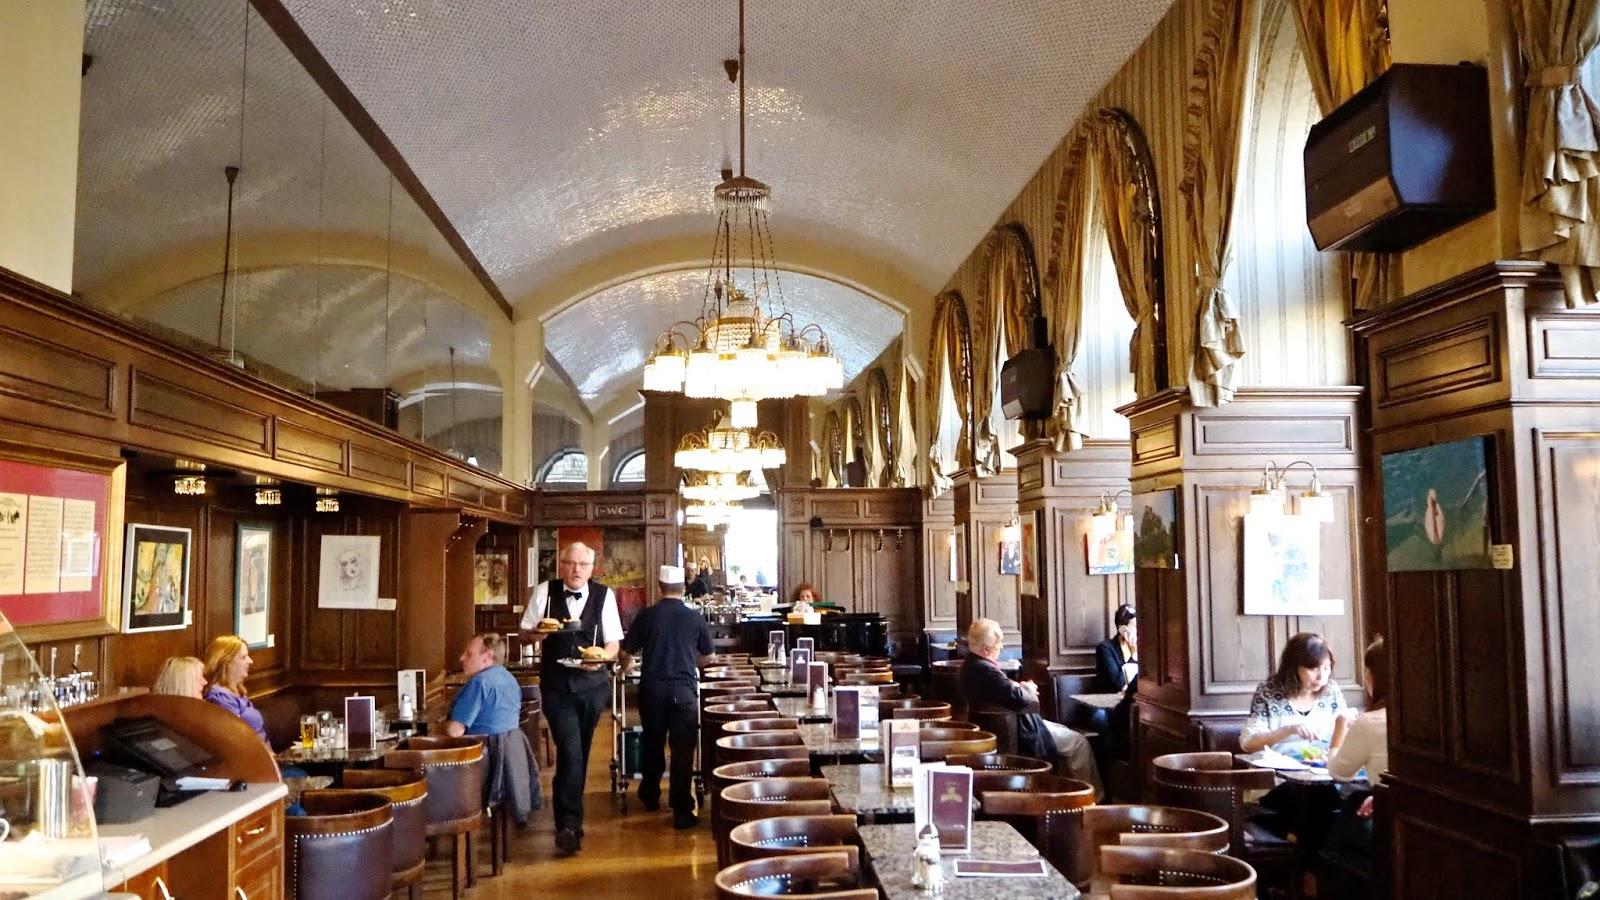 Cafe Schwartzenberg Interior